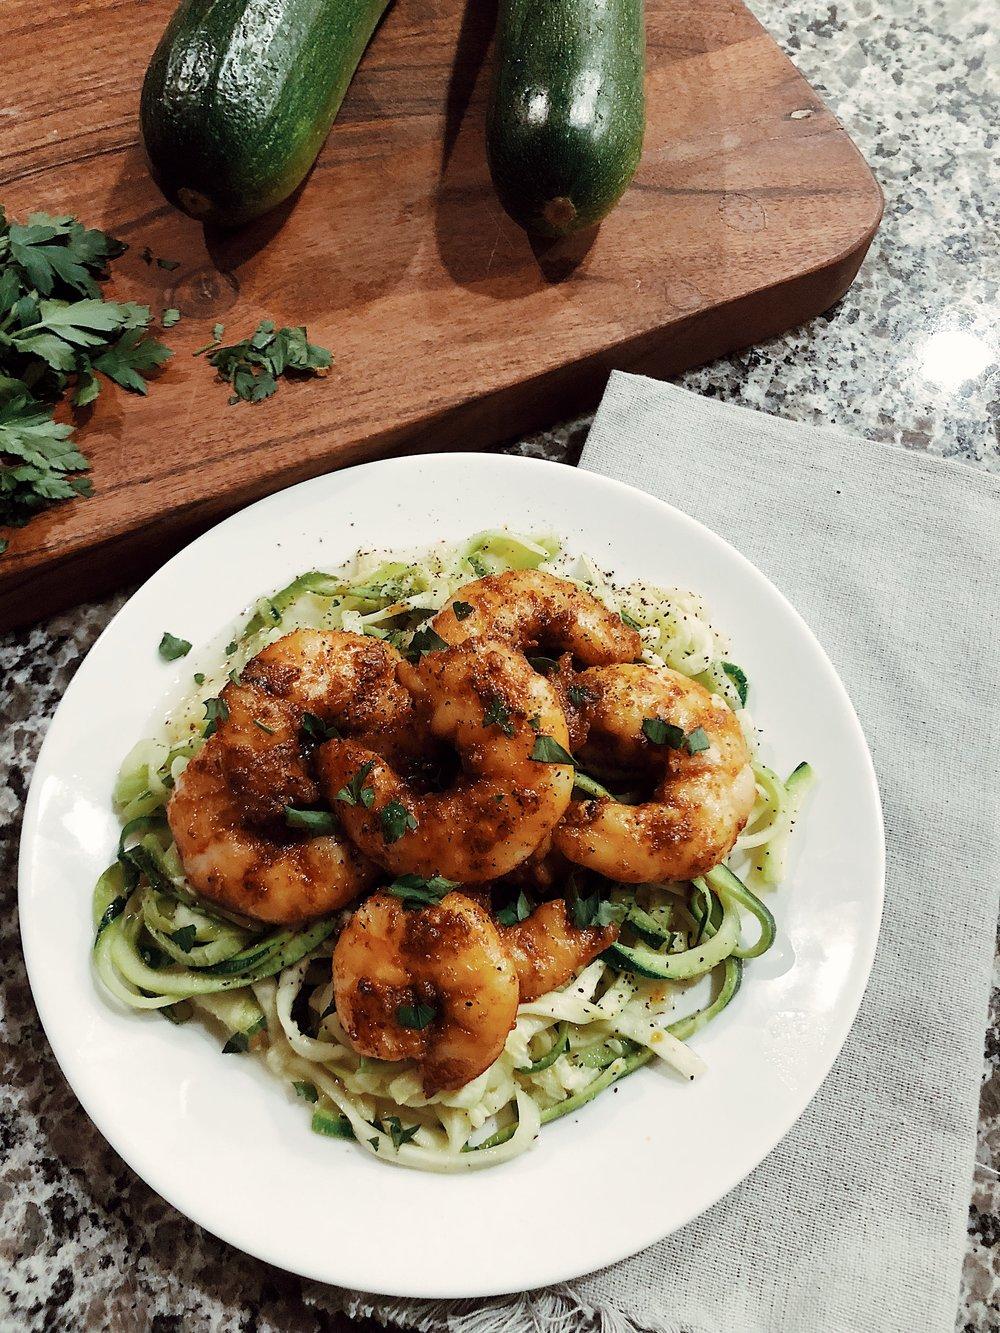 healthy-shrimp-recipe-zucchini-pasta-veggetti-creole-delicious-nutrition.jpg